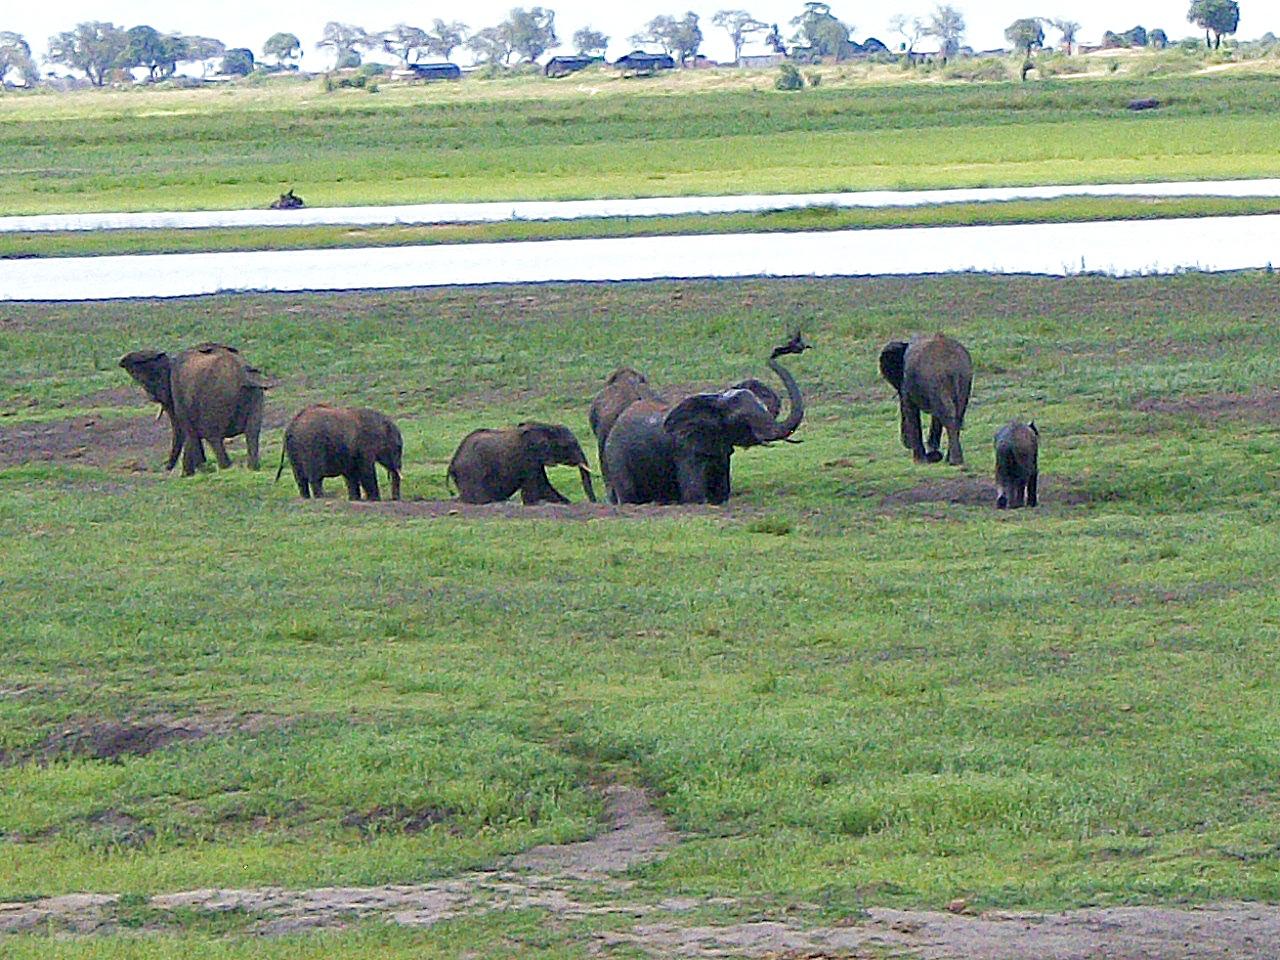 elephants safari chobe national park botswana.JPG